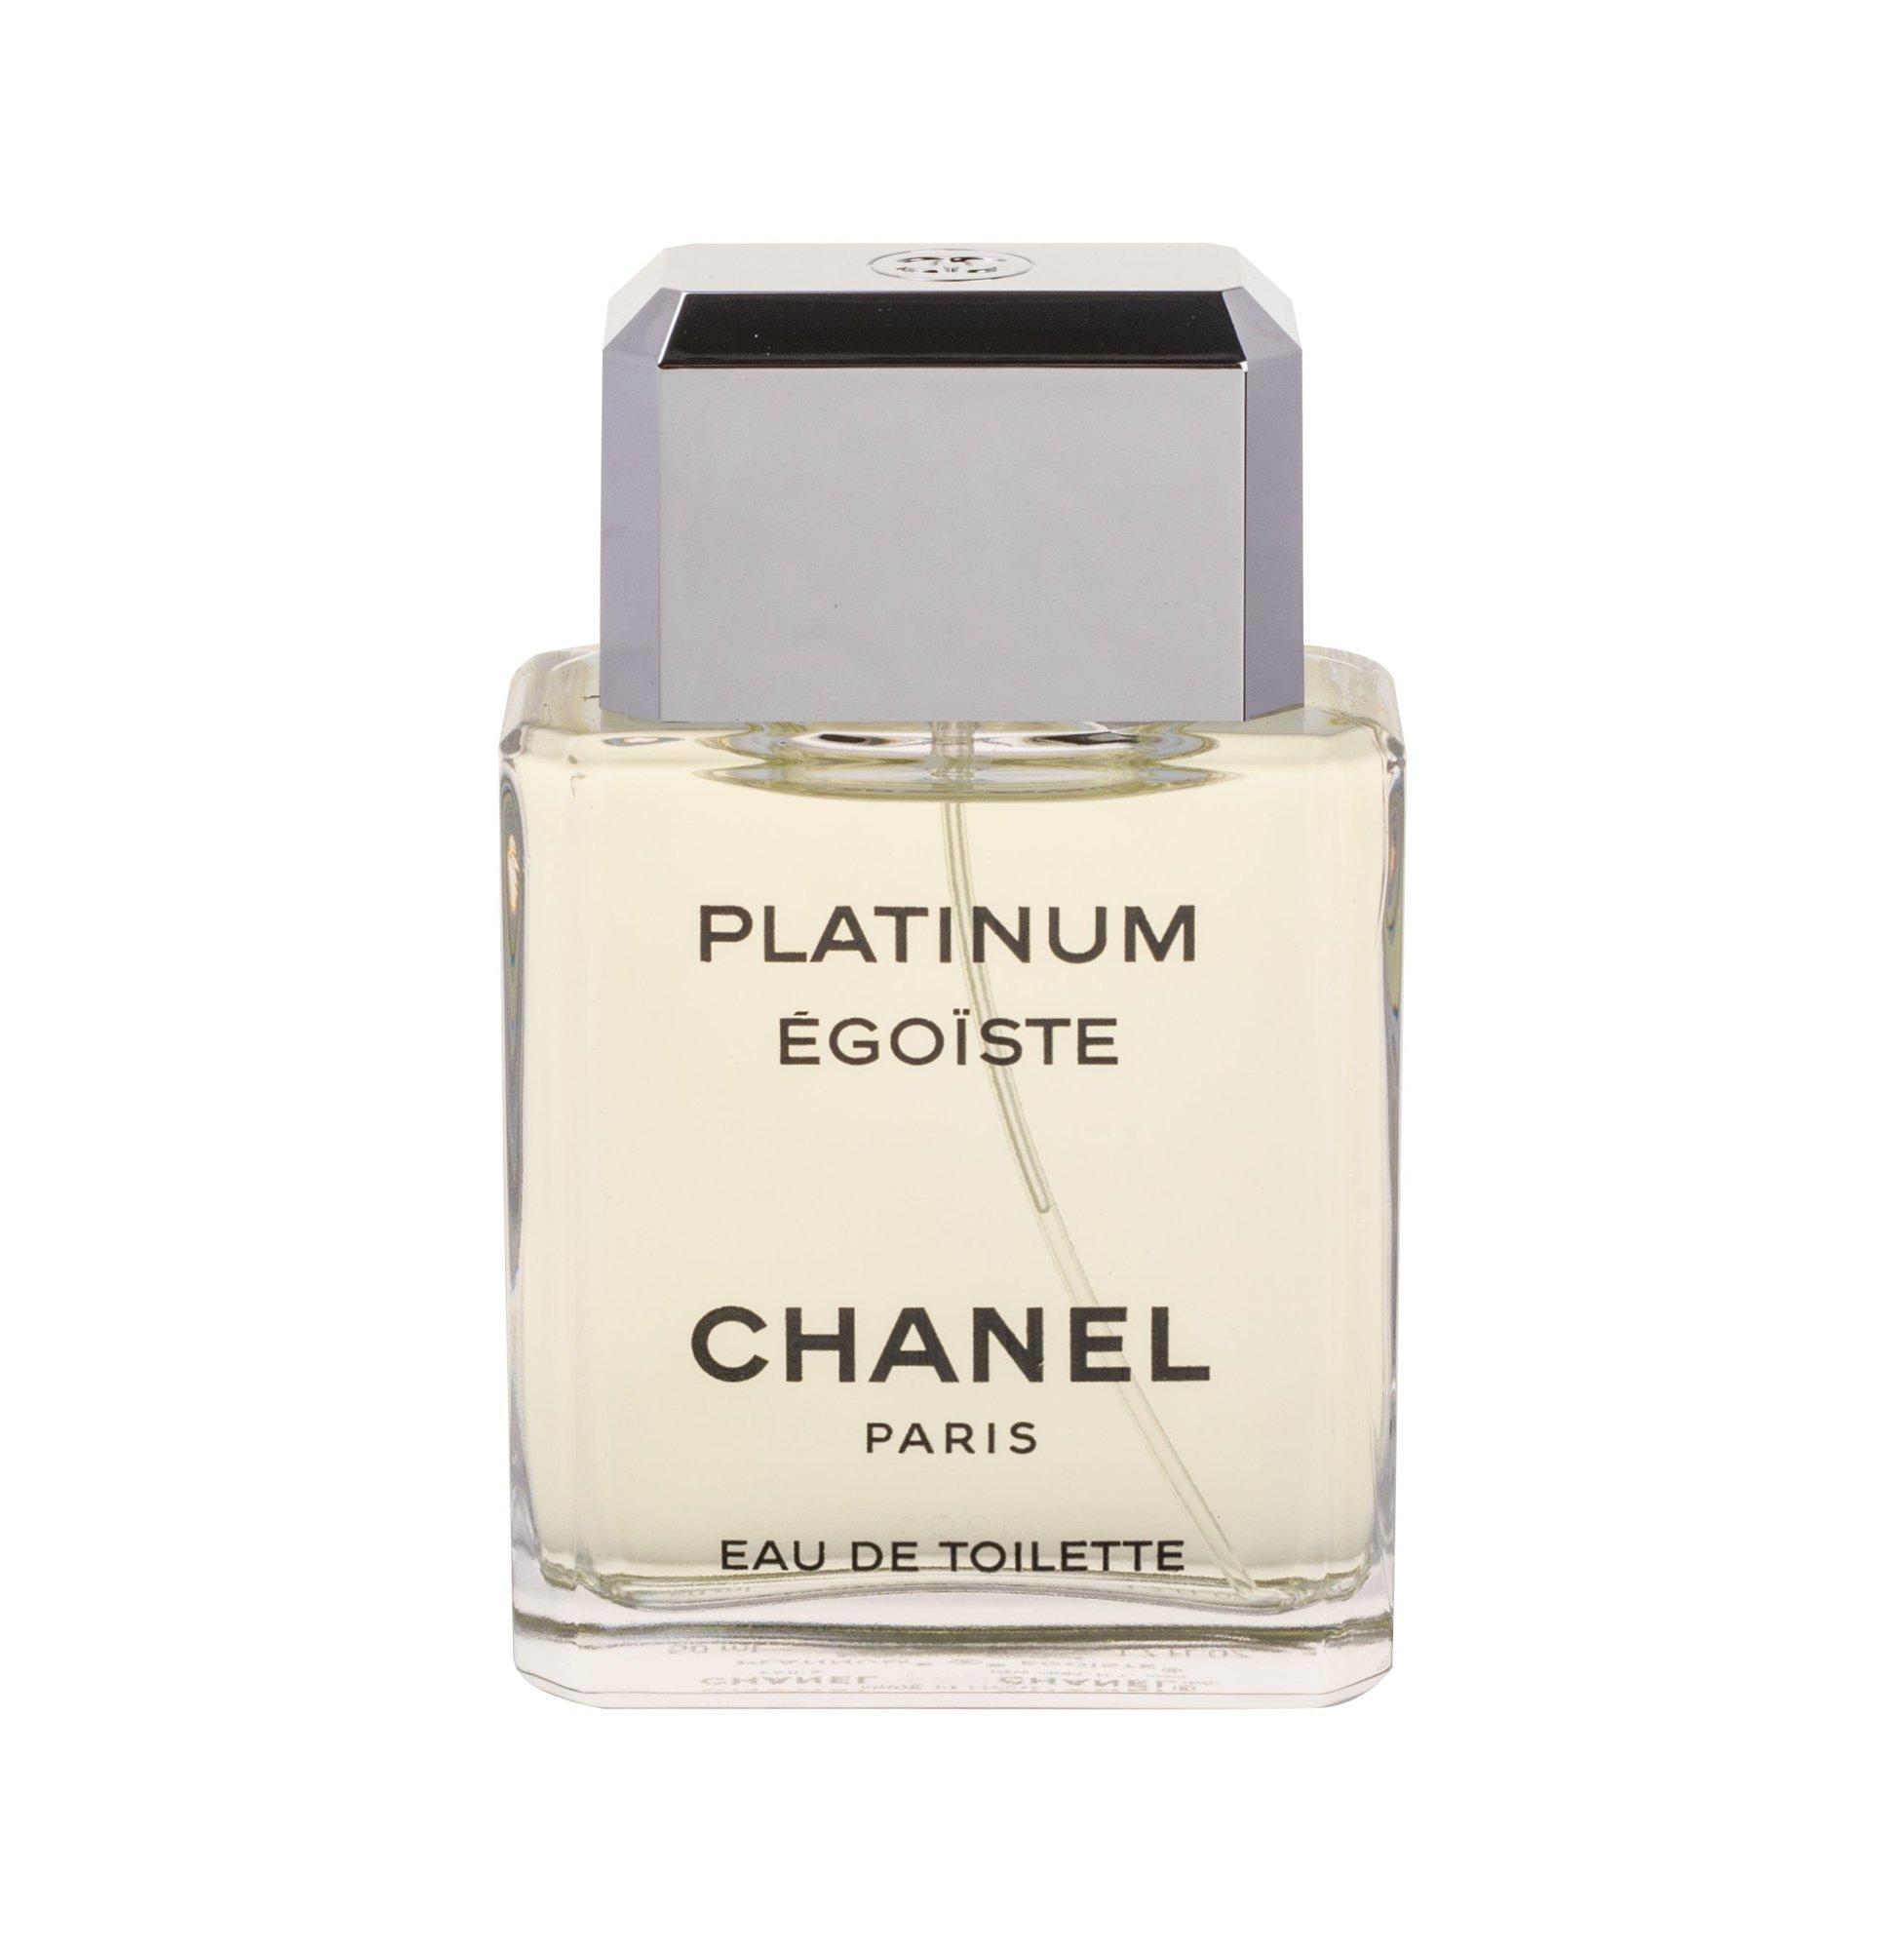 Chanel Platinum Egoiste Pour Homme EDT 50ml